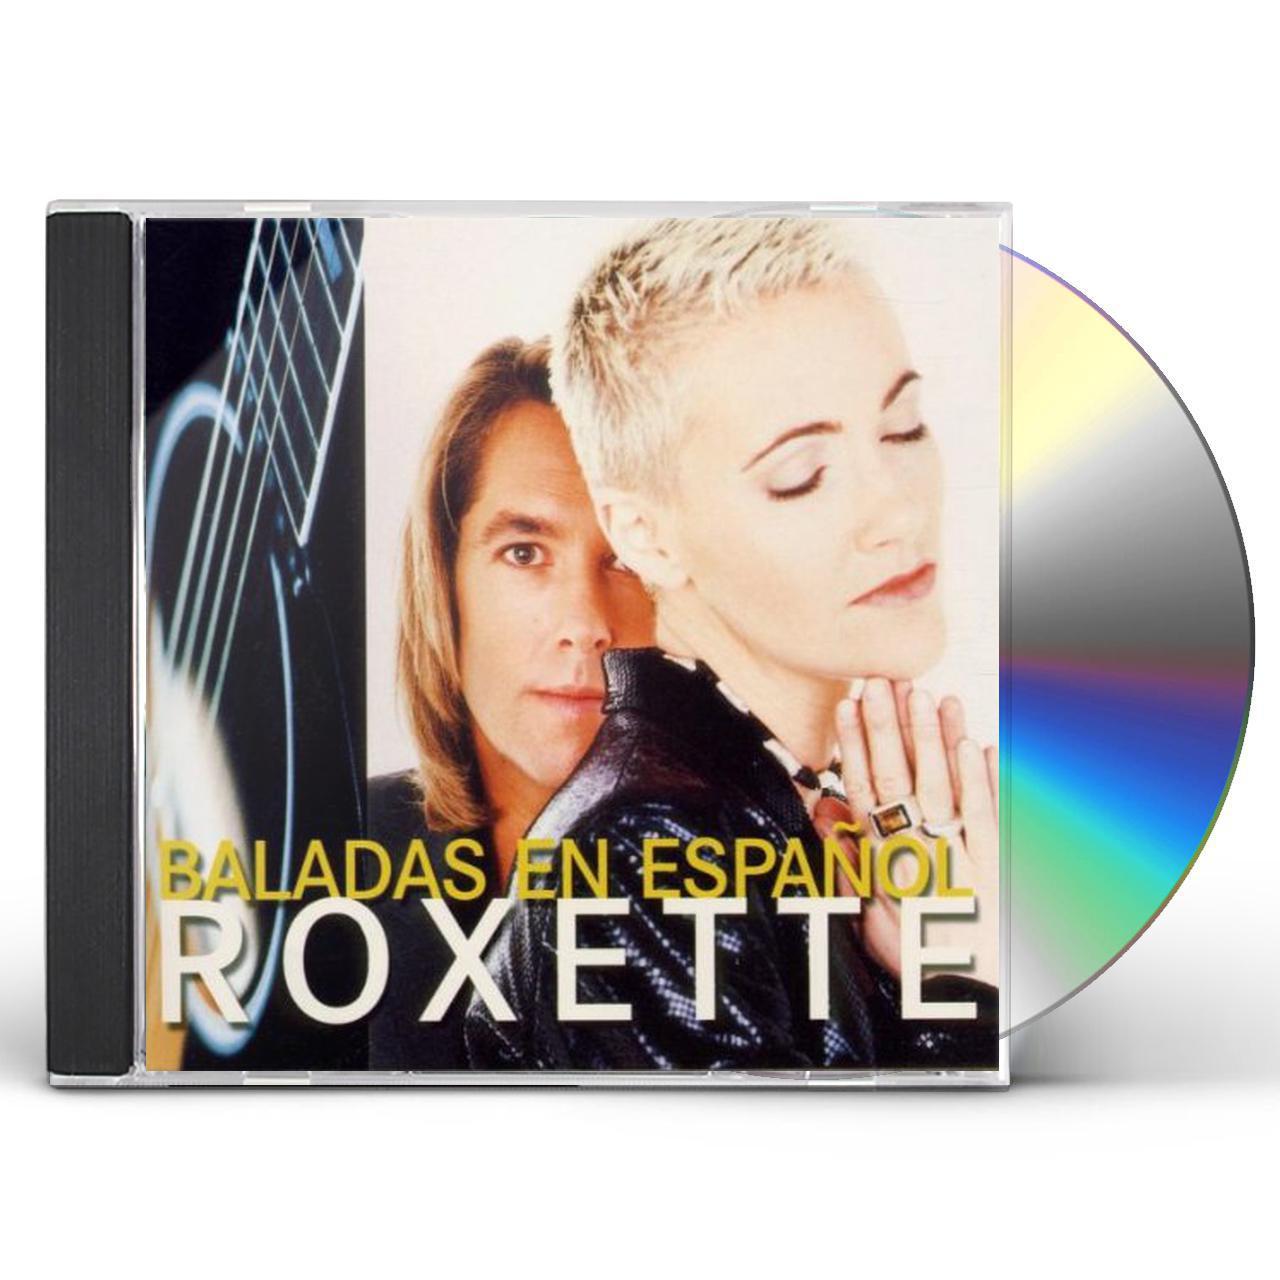 cd roxette baladas em espanol